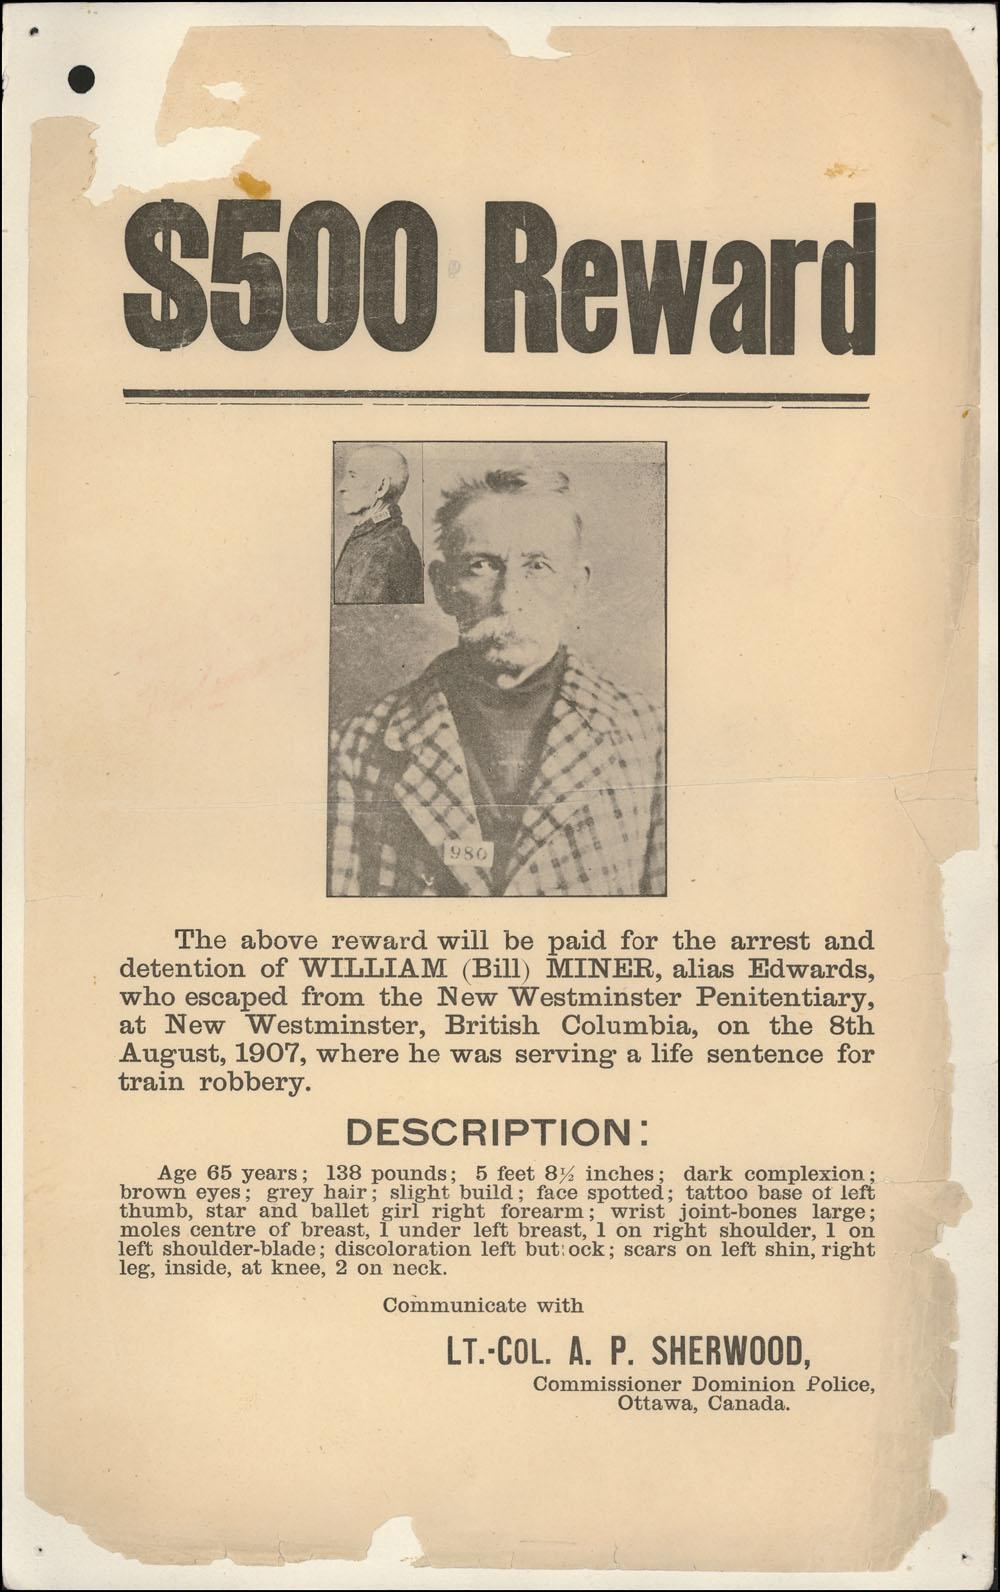 Reward Notice for Bill Miner